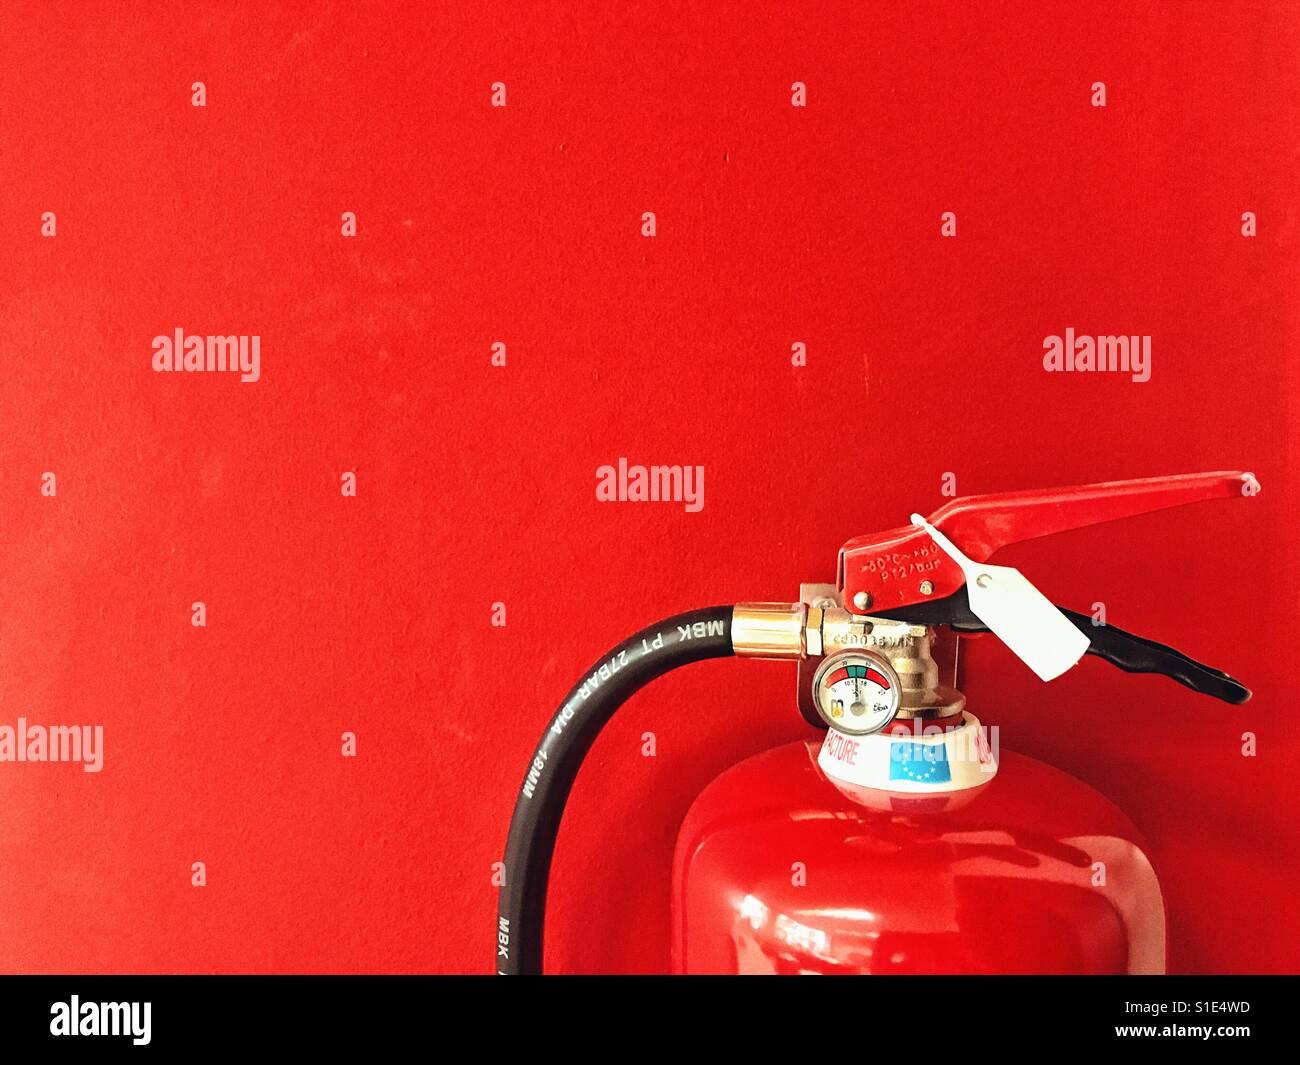 Détail de l'extincteur sur fond rouge Photo Stock